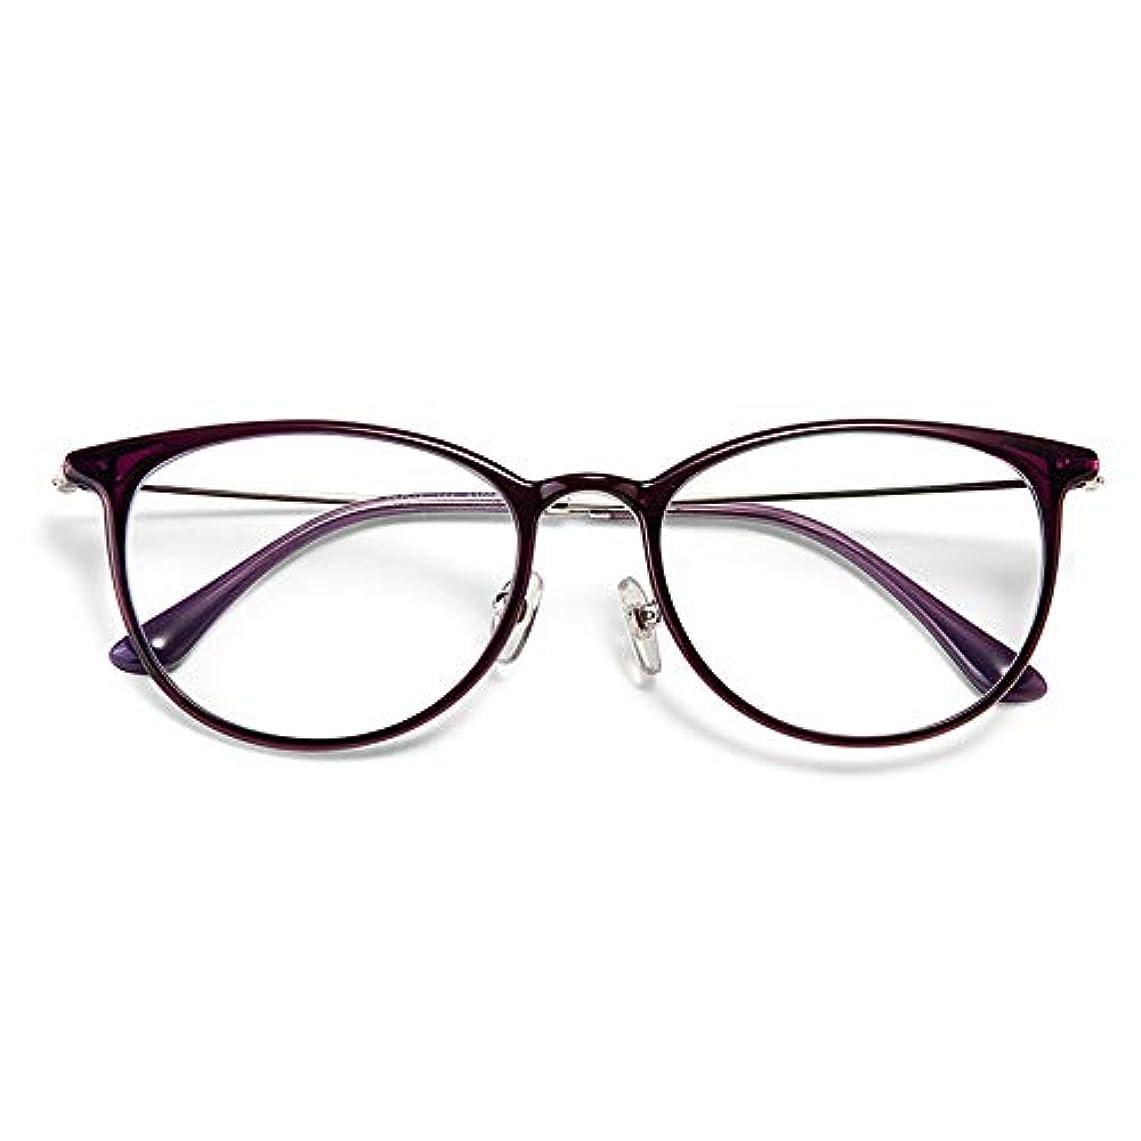 協力的毎年競う老眼鏡、超軽量の女性用老眼鏡、アンチBlu-Rayコンピューター眼鏡、Pc Hd透明レンズ、快適でスタイリッシュな抗疲労